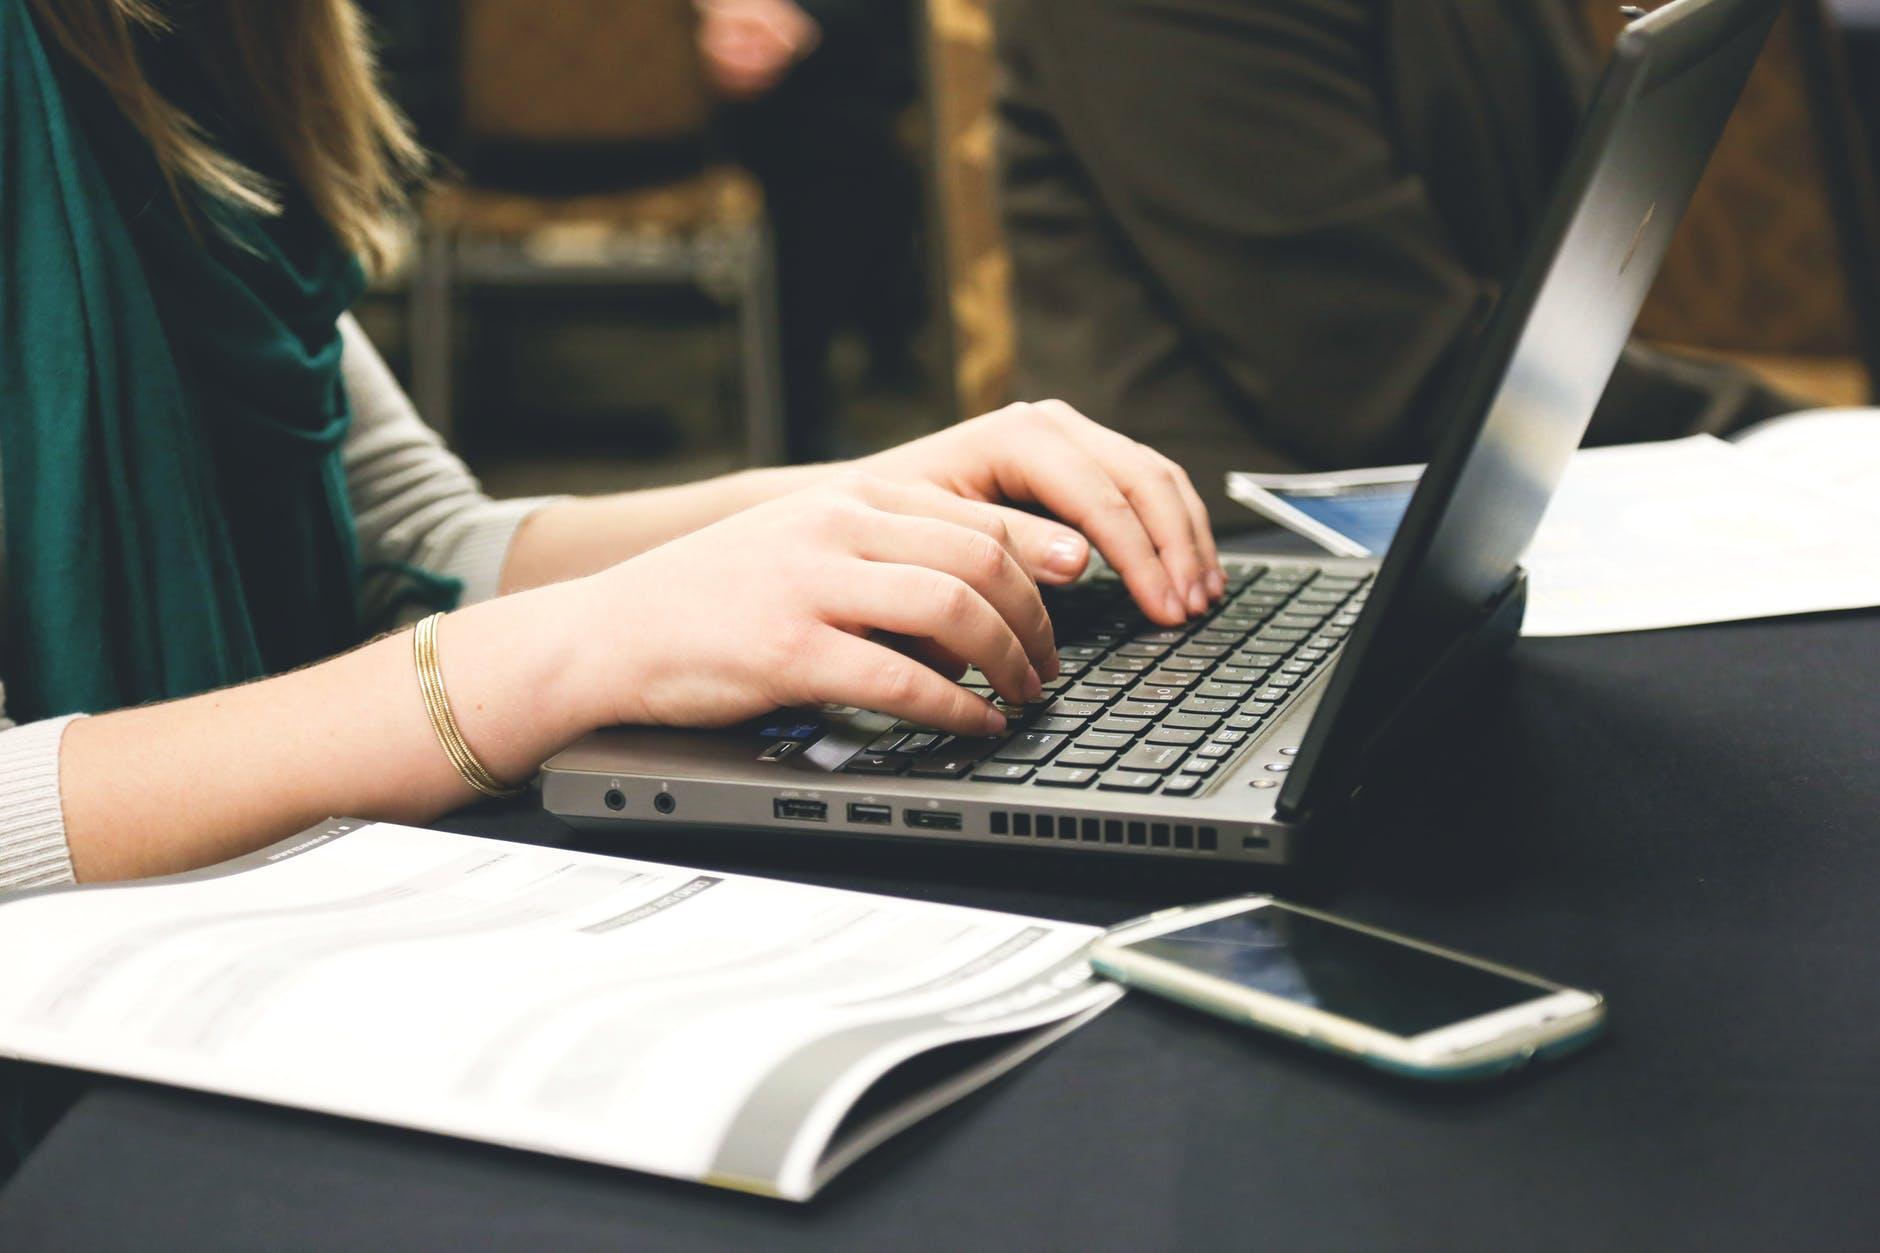 Hoe schrijf je een goede motivatiebrief | Quest uitzendburo 's-Hertogenbosch